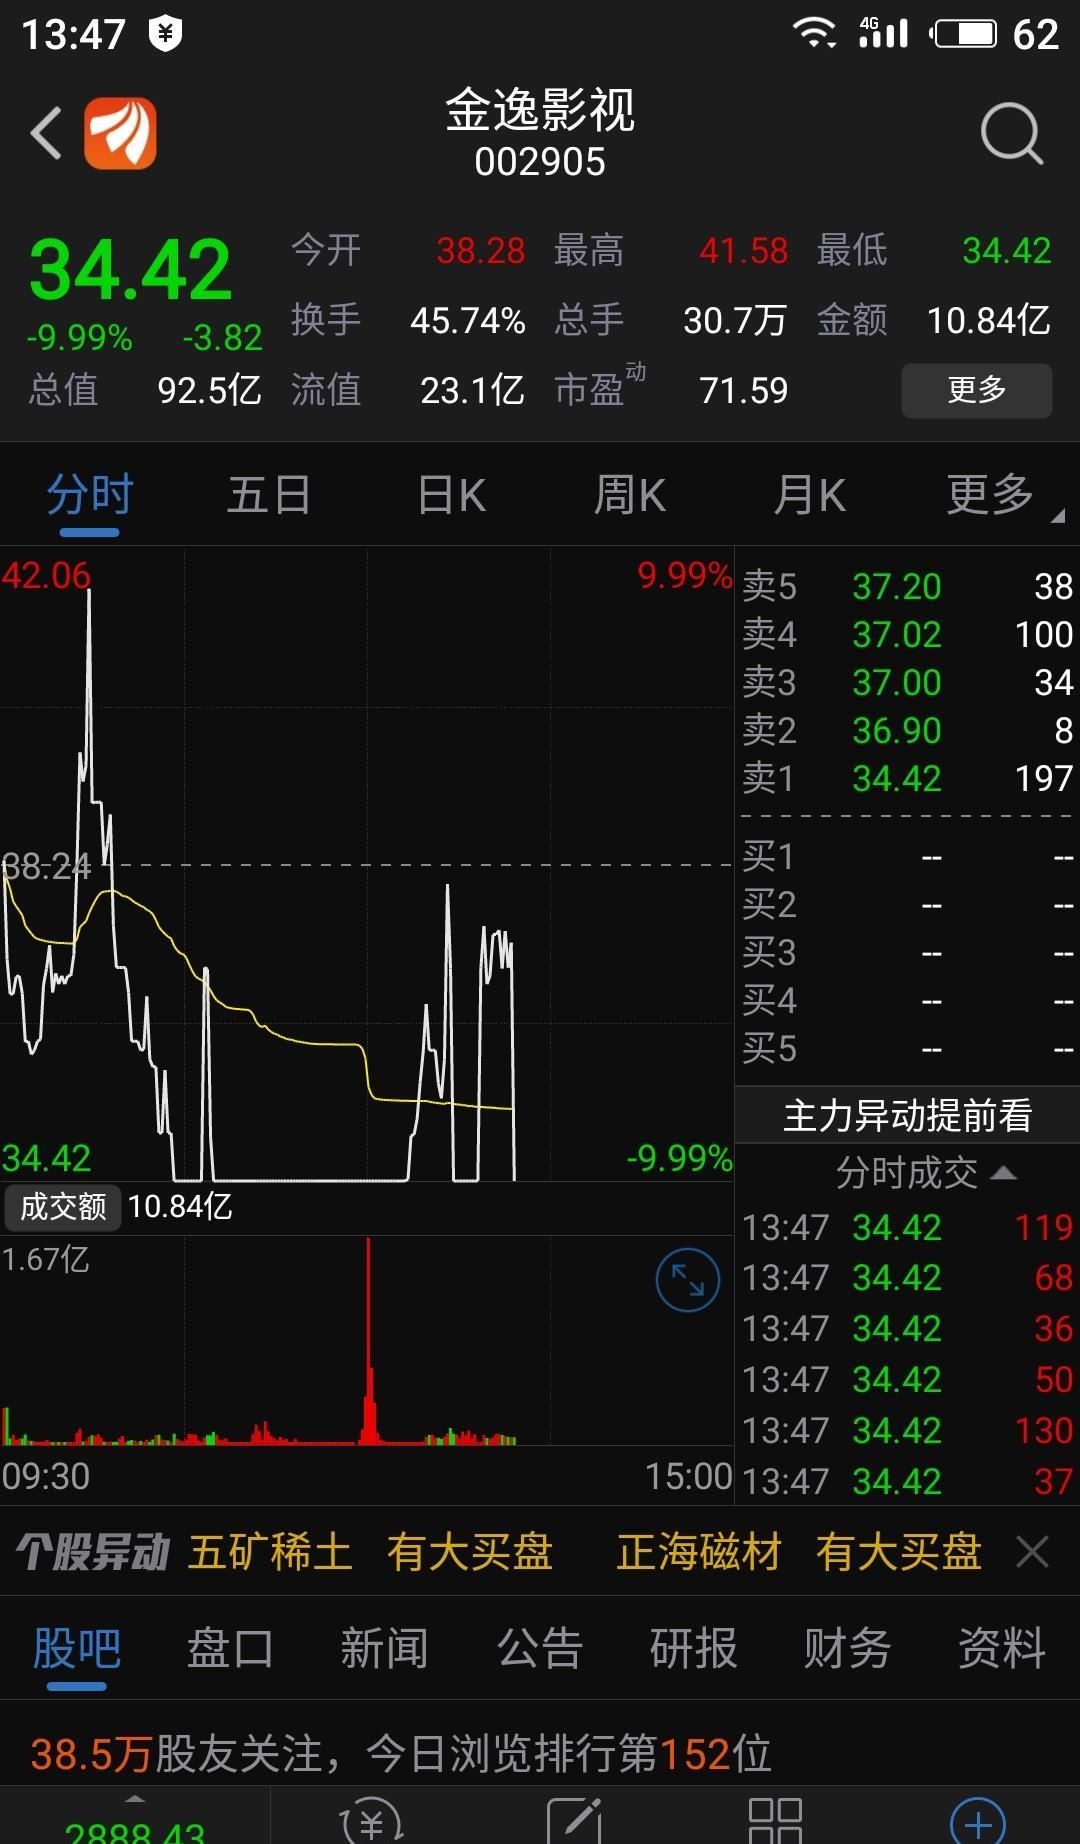 600225资金流向_操纵股价,哈哈哈_天津松江(600225)股吧_东方财富网